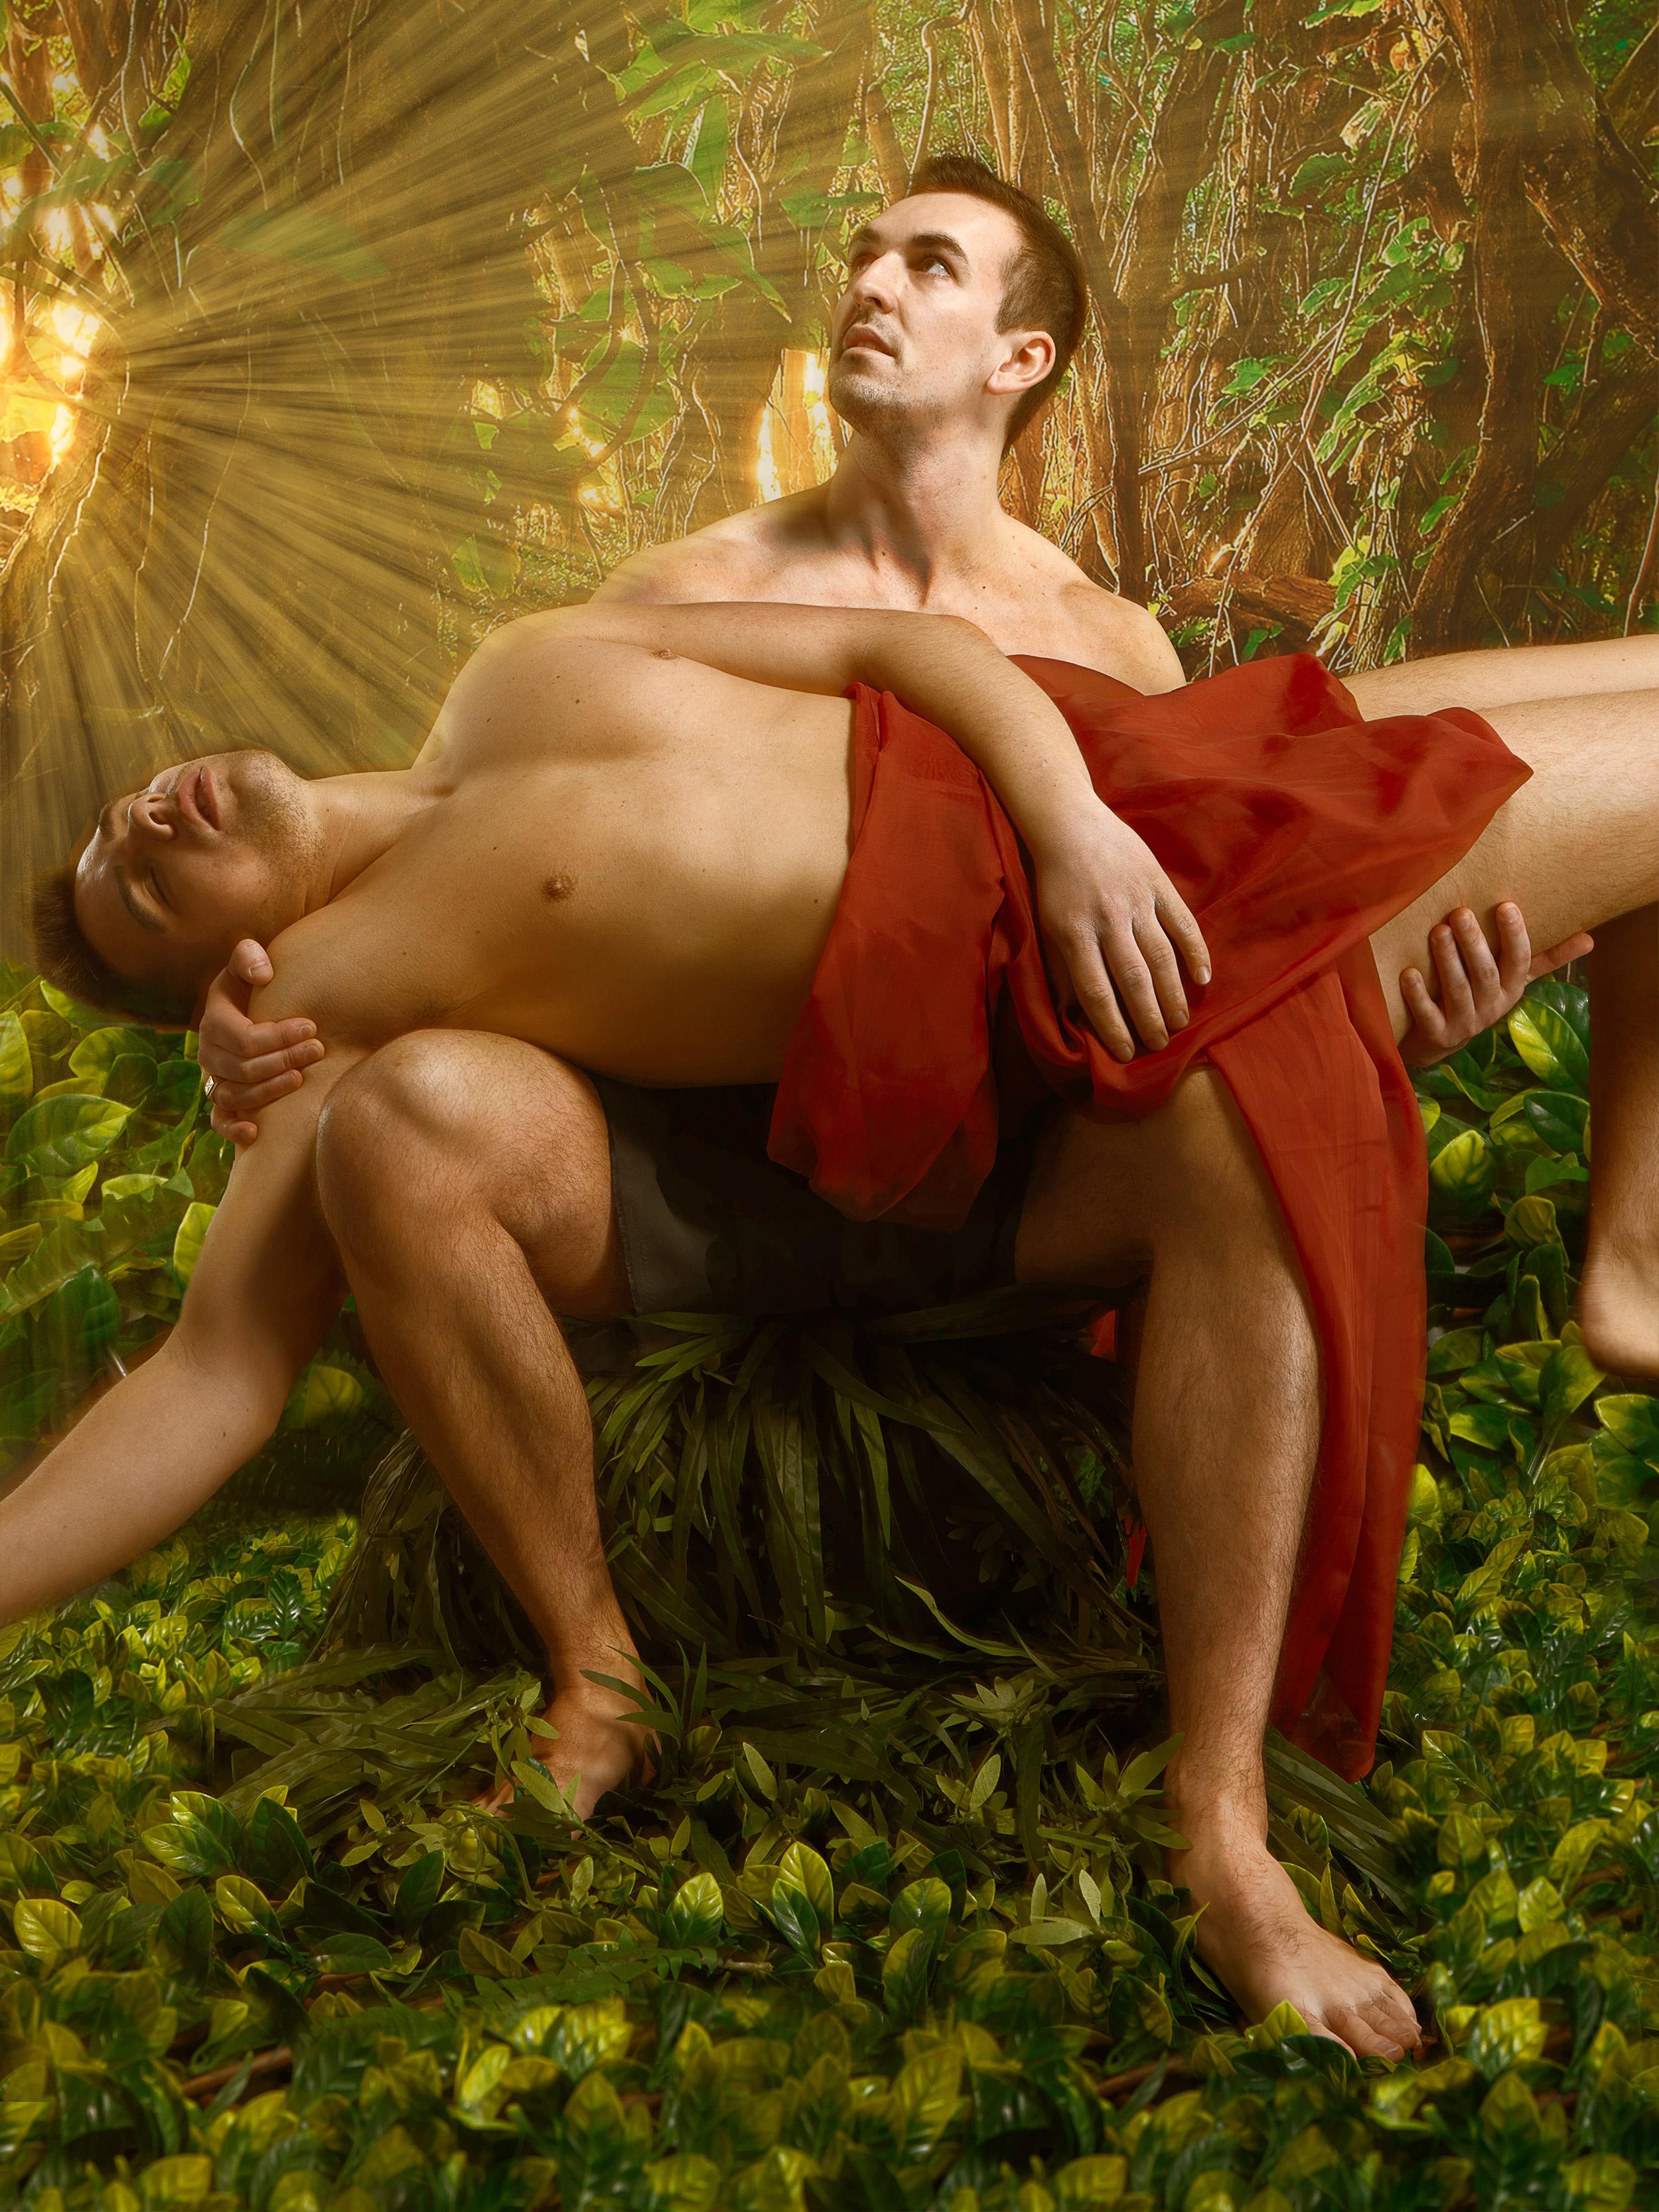 Tarzan & James ©2019 Adrienne Row - Smith / Strast Media